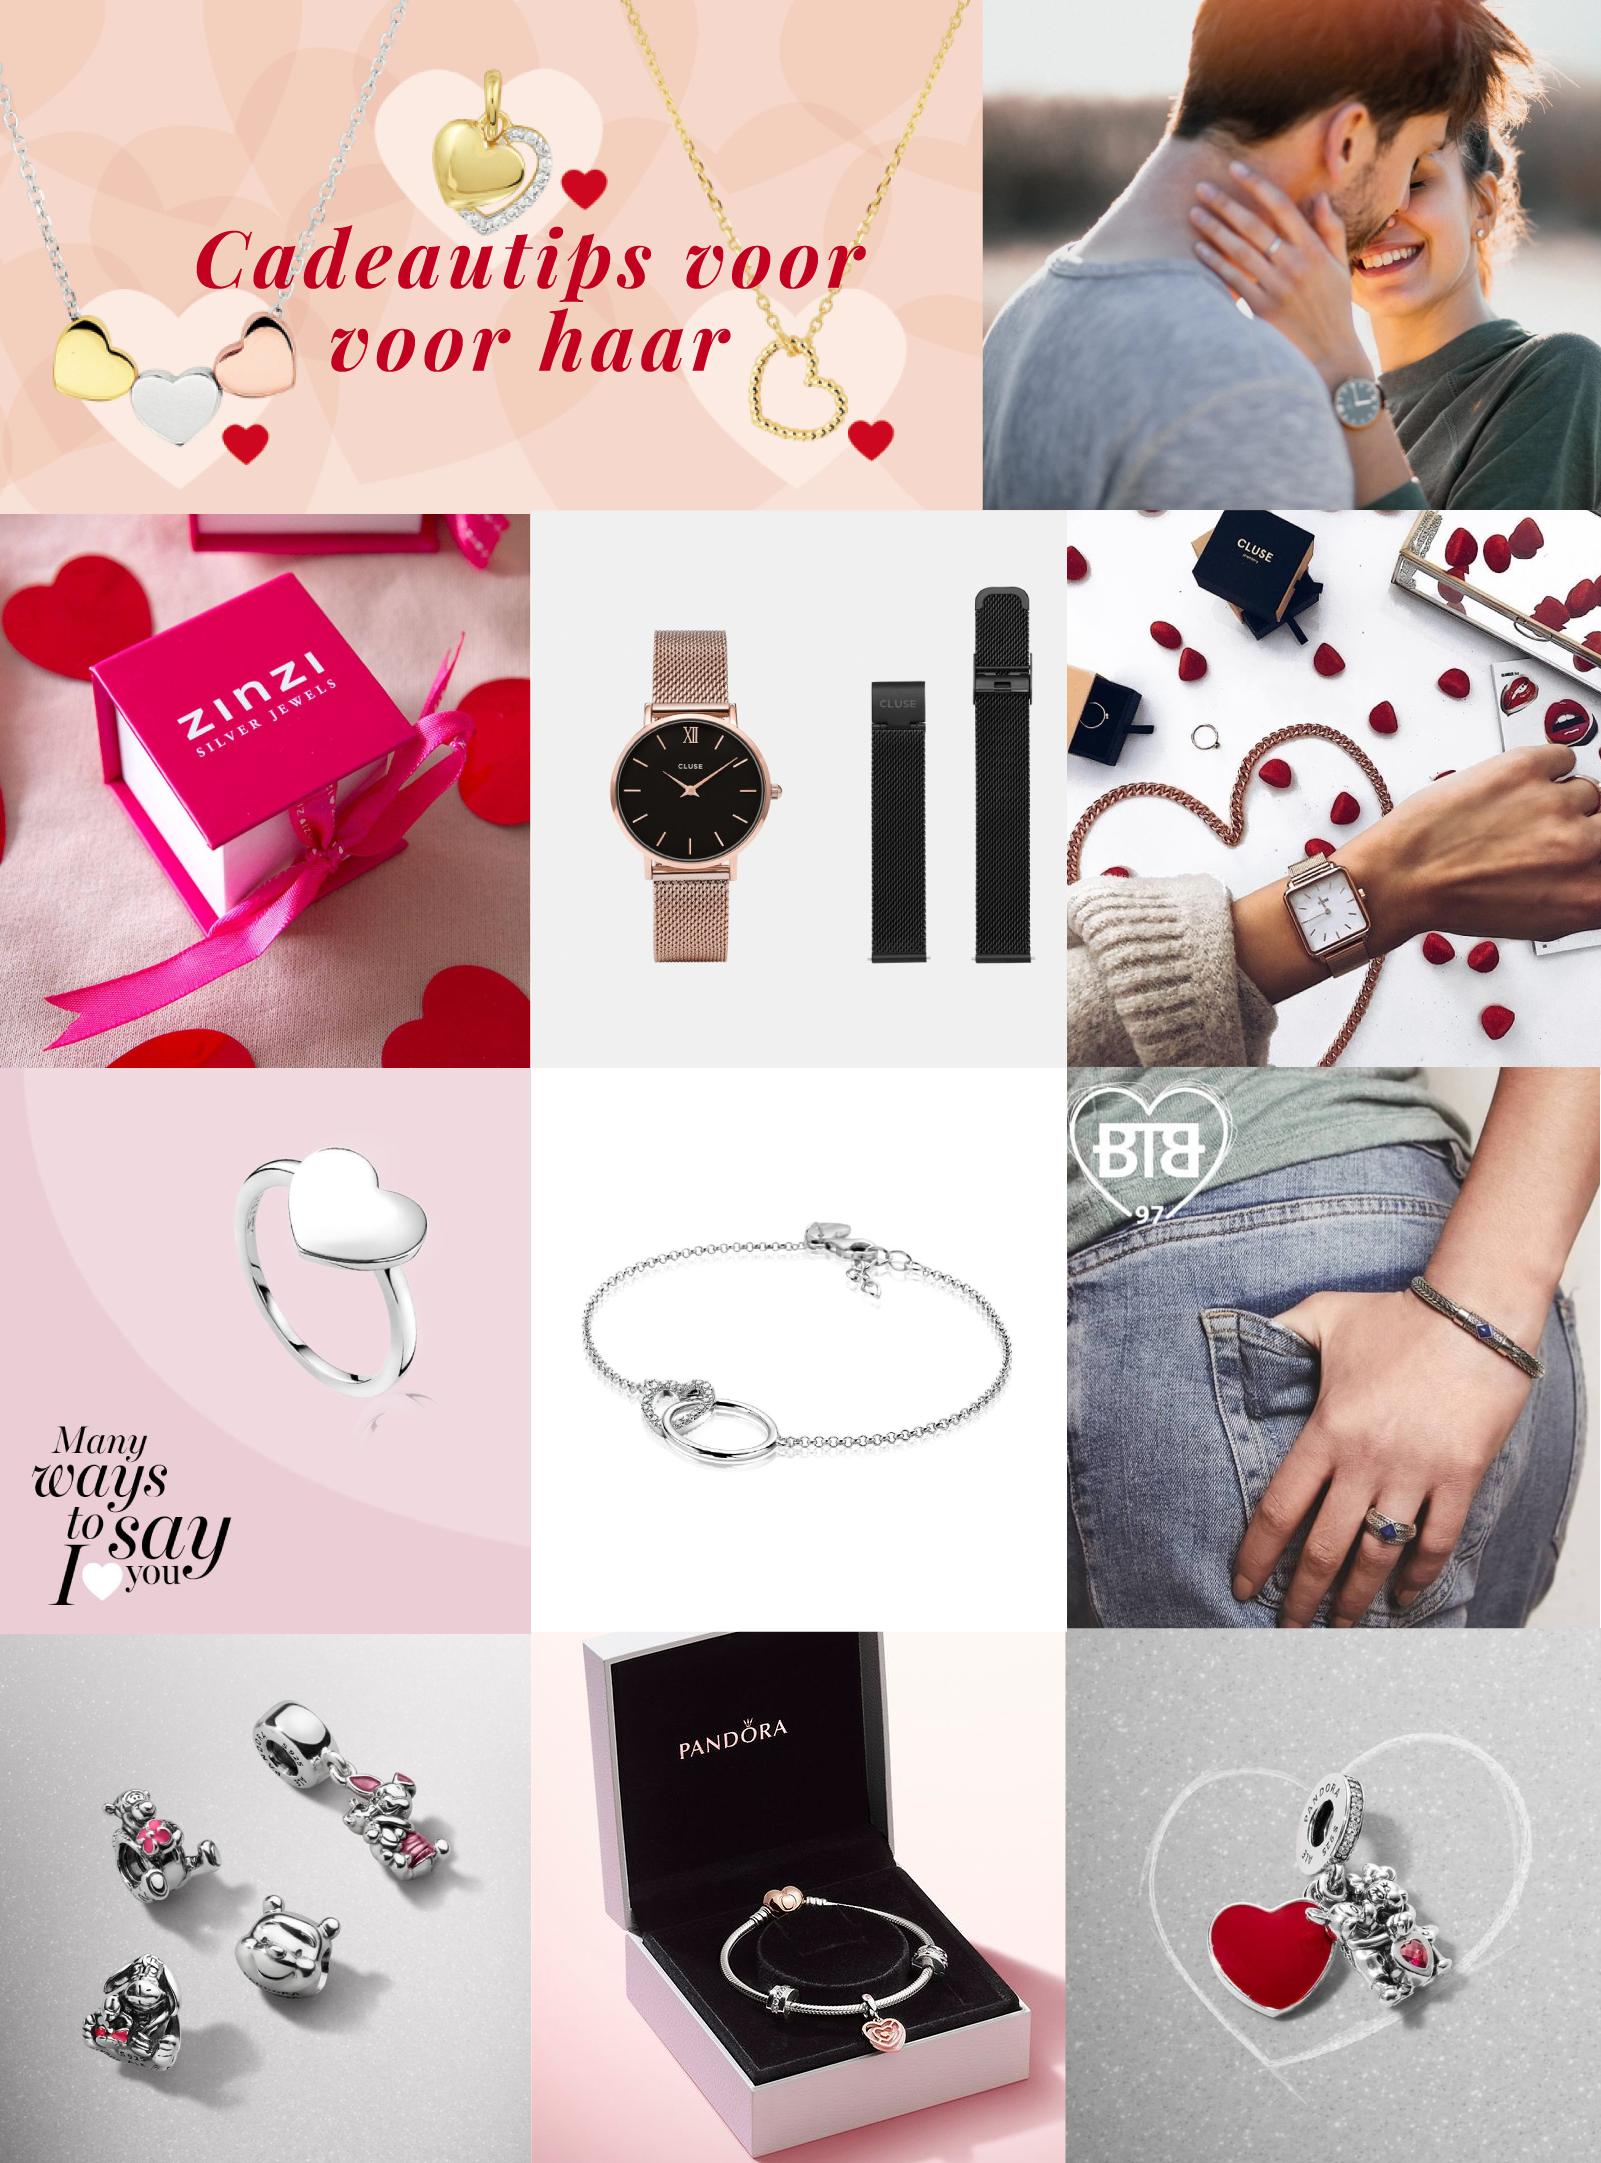 cadeautips-voor-haar-valentijn-bij-Wolters-Juweliers-Coevorden-Emmen